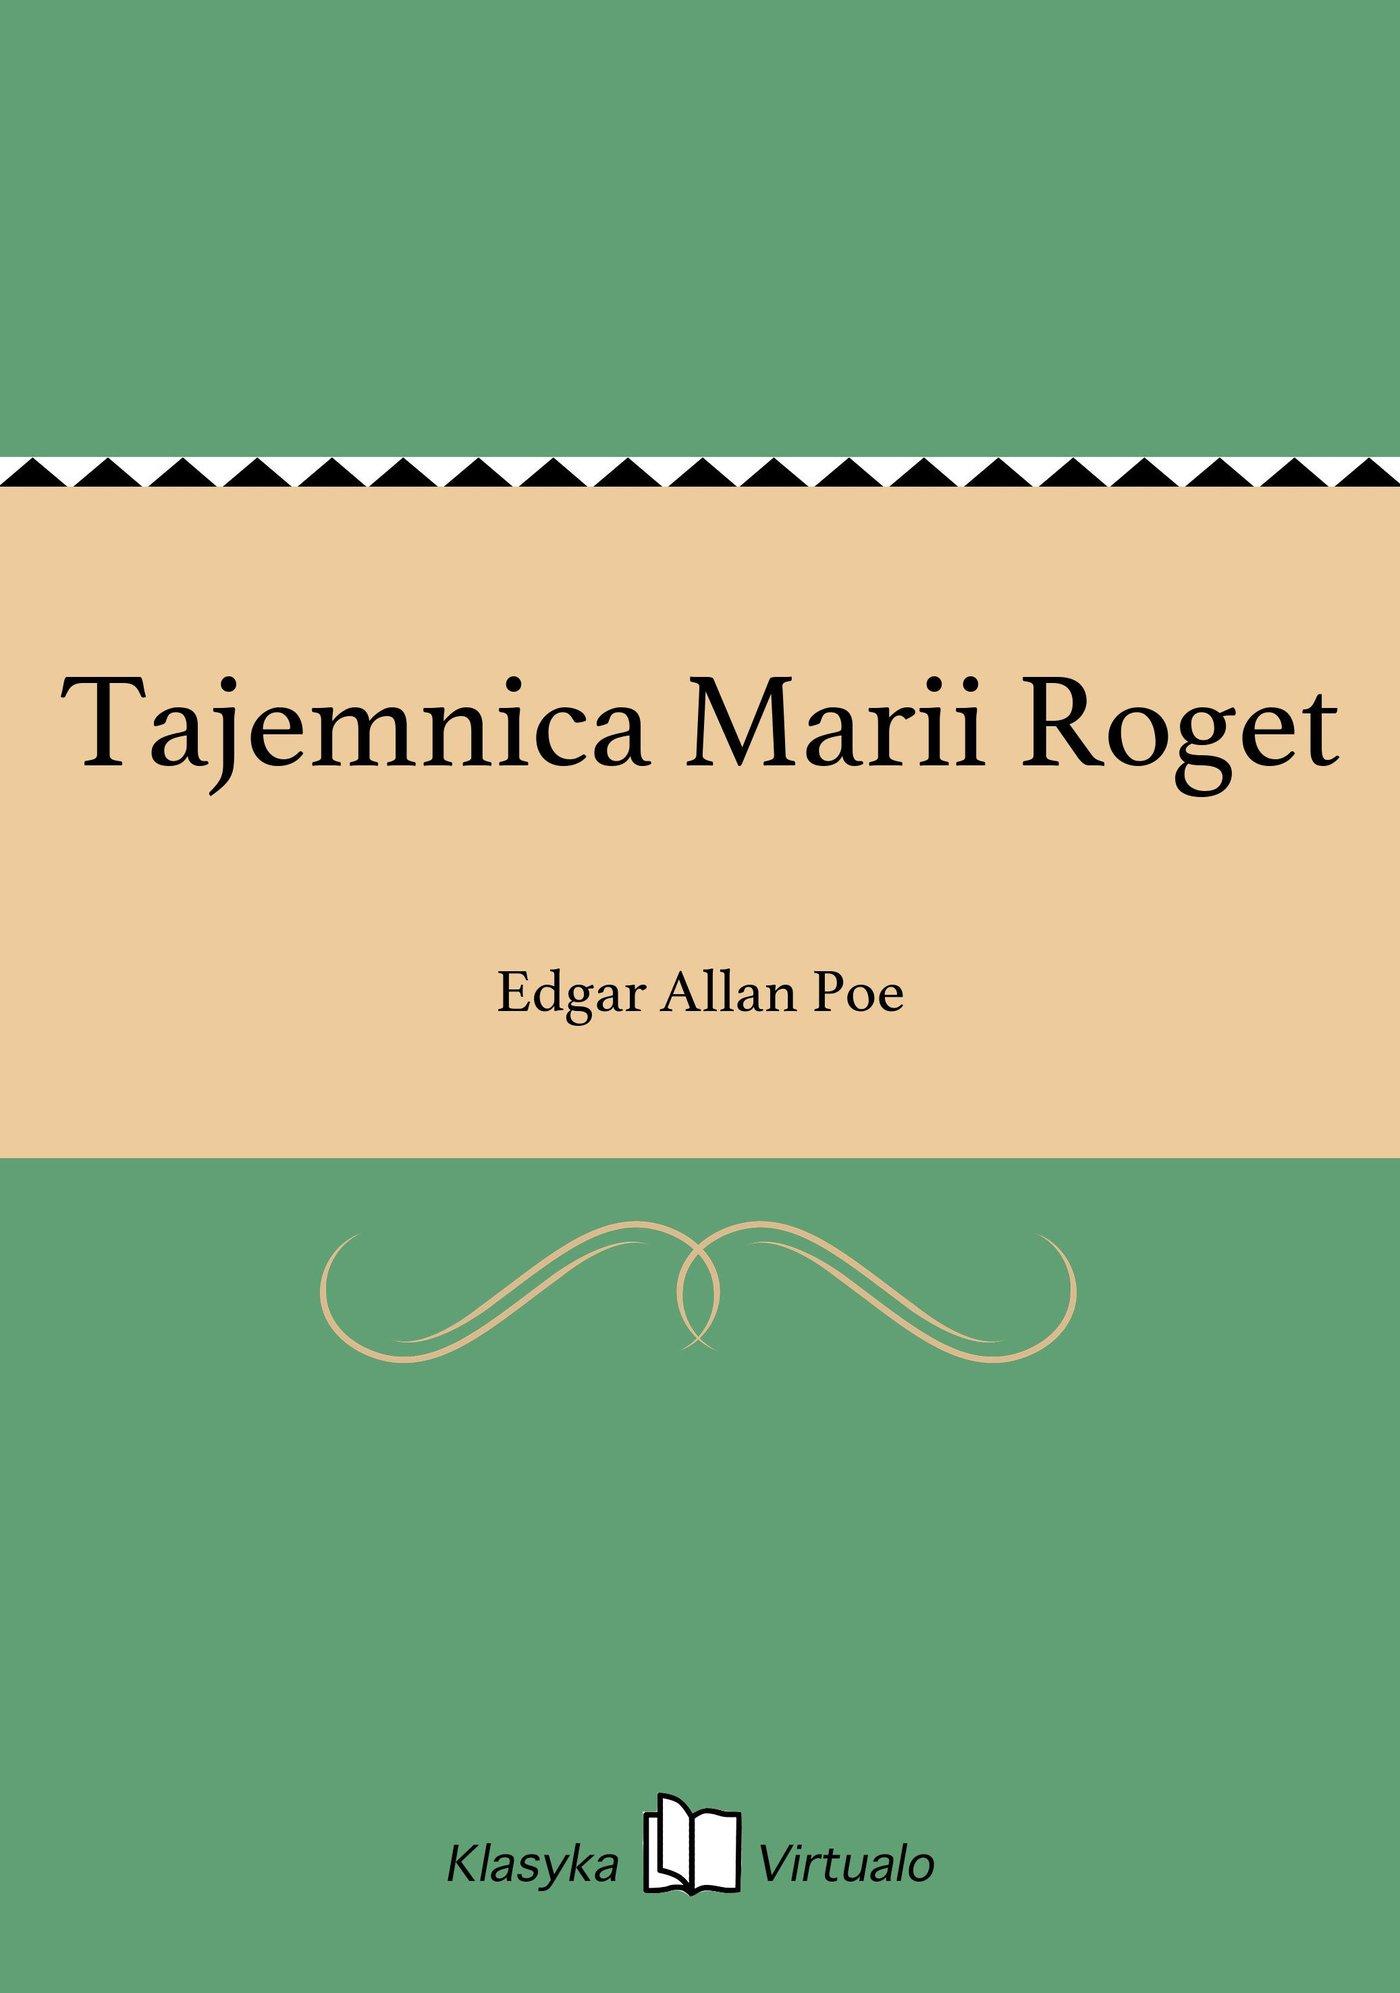 Tajemnica Marii Roget - Ebook (Książka EPUB) do pobrania w formacie EPUB